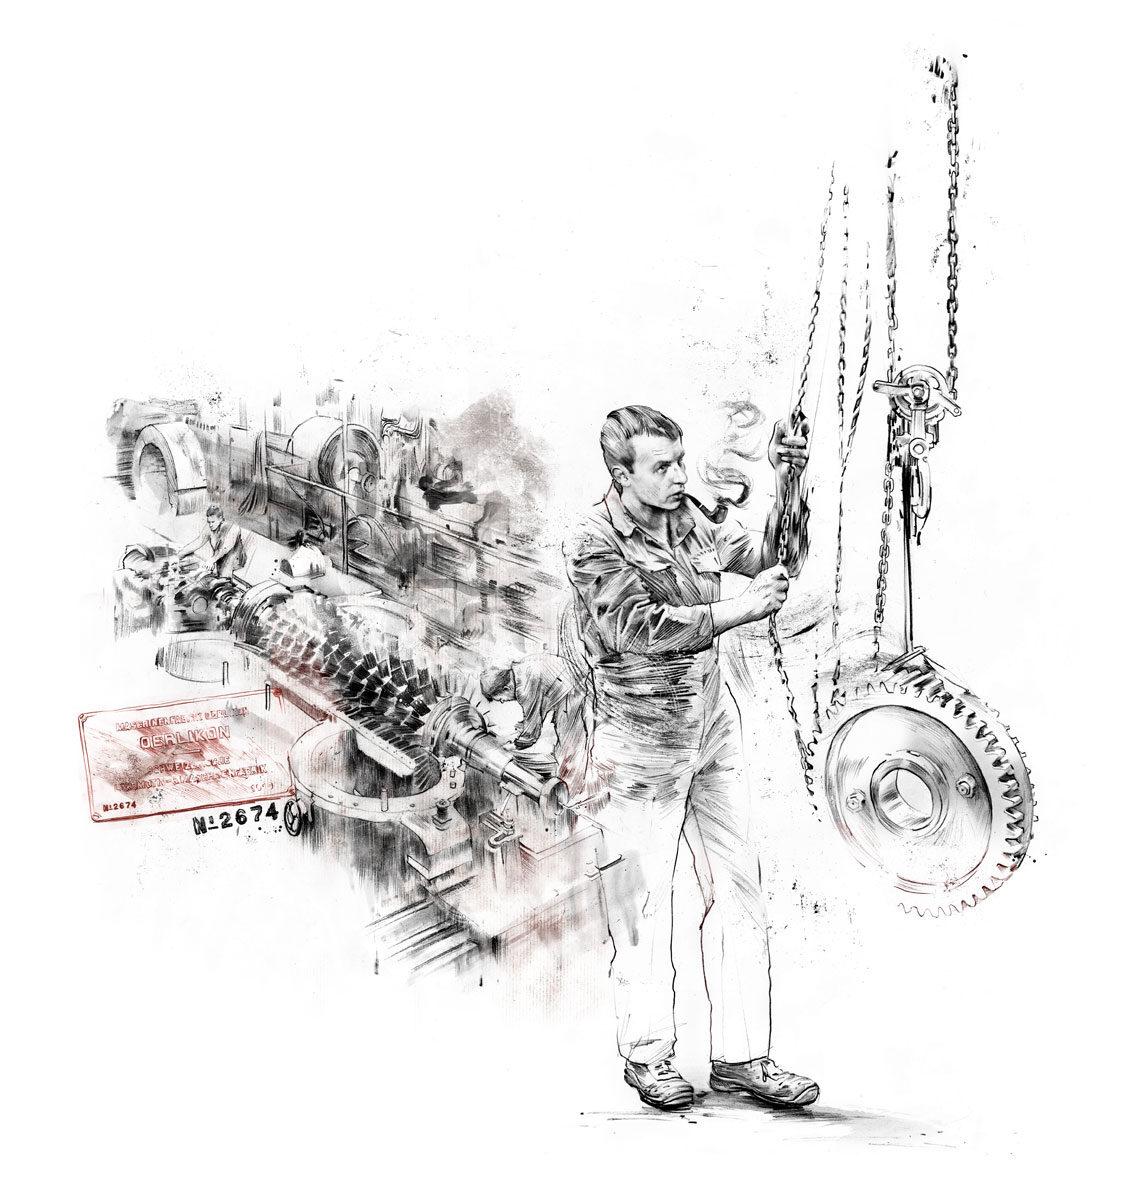 Moor - Kornel Illustration | Kornel Stadler portfolio